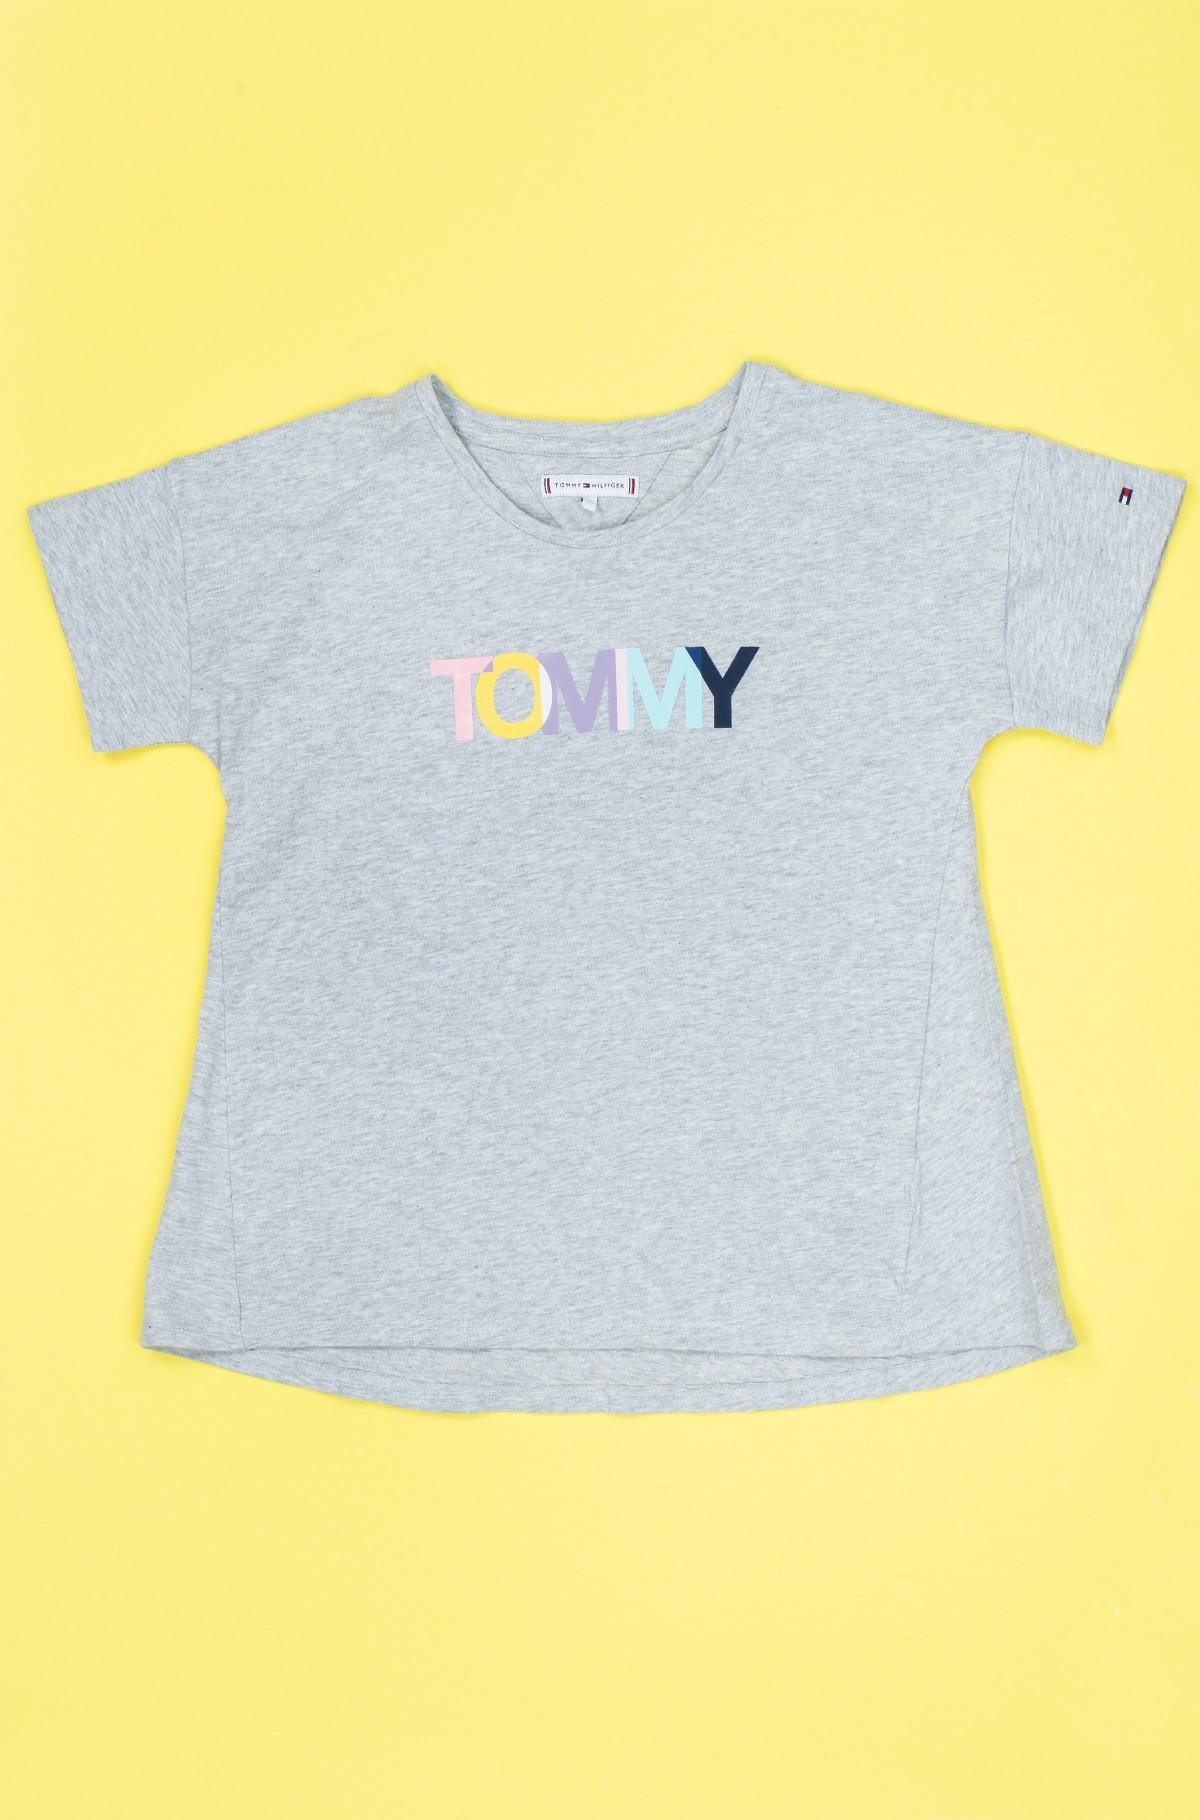 Vaikiški marškinėliai trumpomis rankovėmis COLORED TOMMY LOGO S/S-full-1